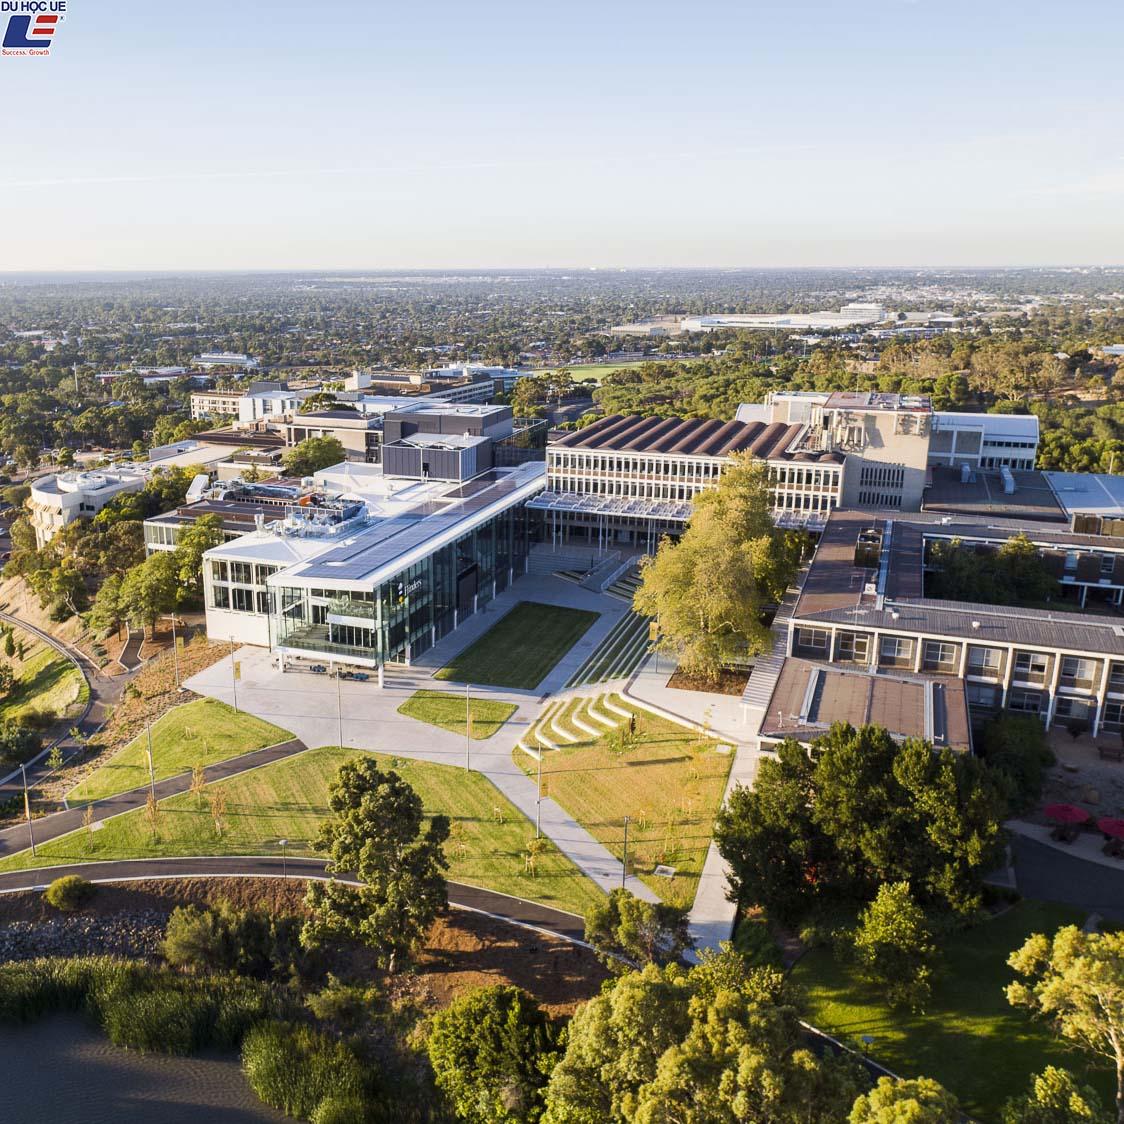 Du học Úc 2019 - Trường Đại học Flinders